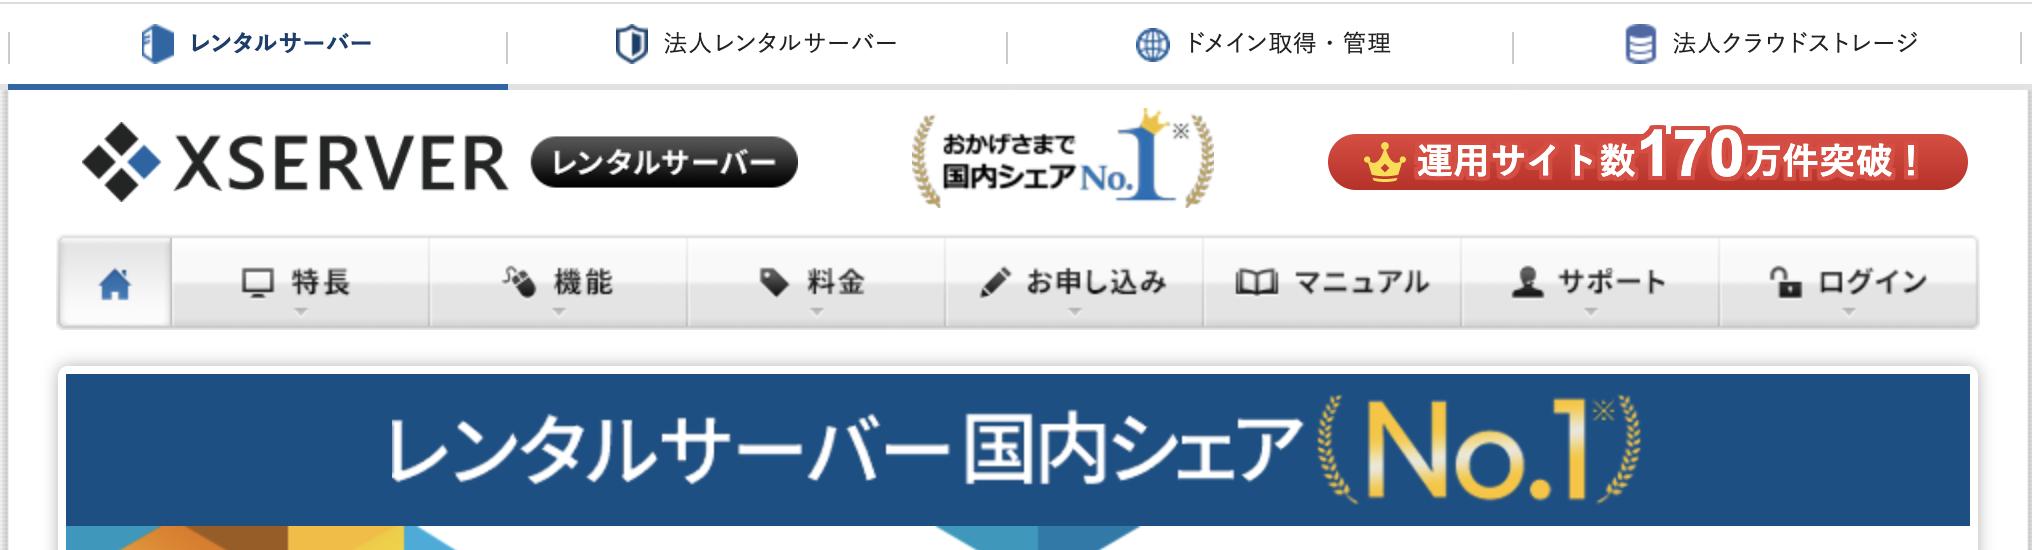 エックスサーバー_TOP